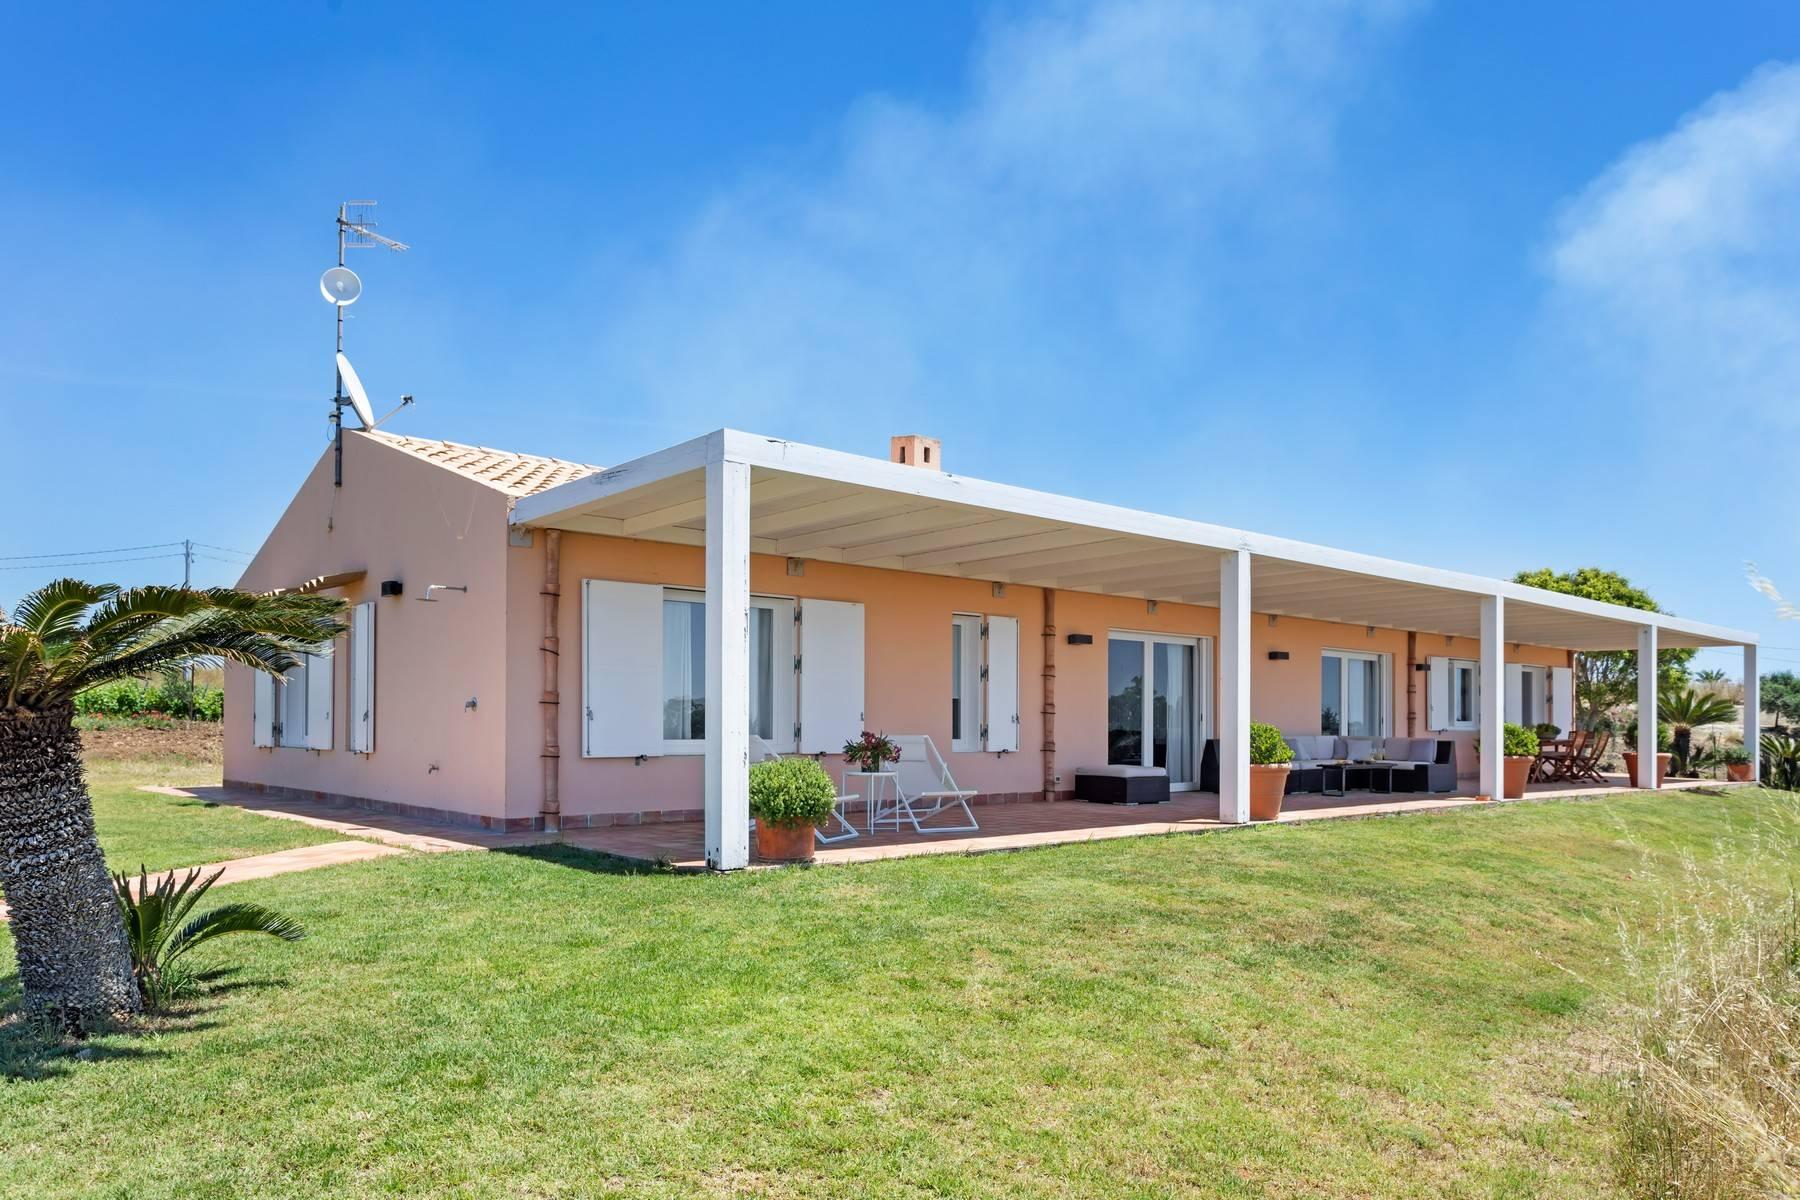 Villa in Vendita a Castelvetrano: 5 locali, 180 mq - Foto 6